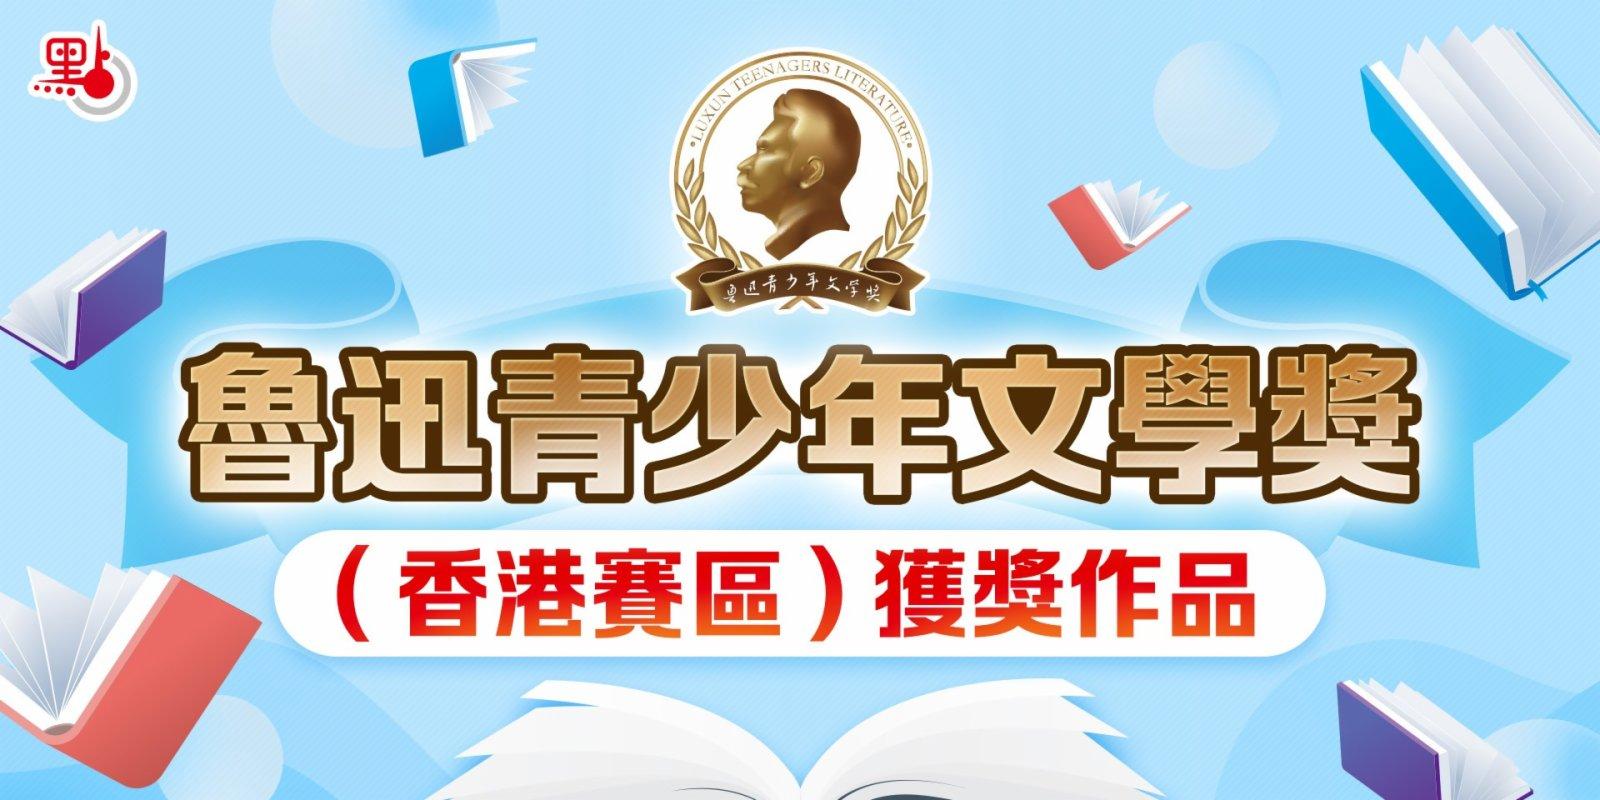 魯青獎獲獎作品|《壯麗的樂曲》—— 丘霆羿